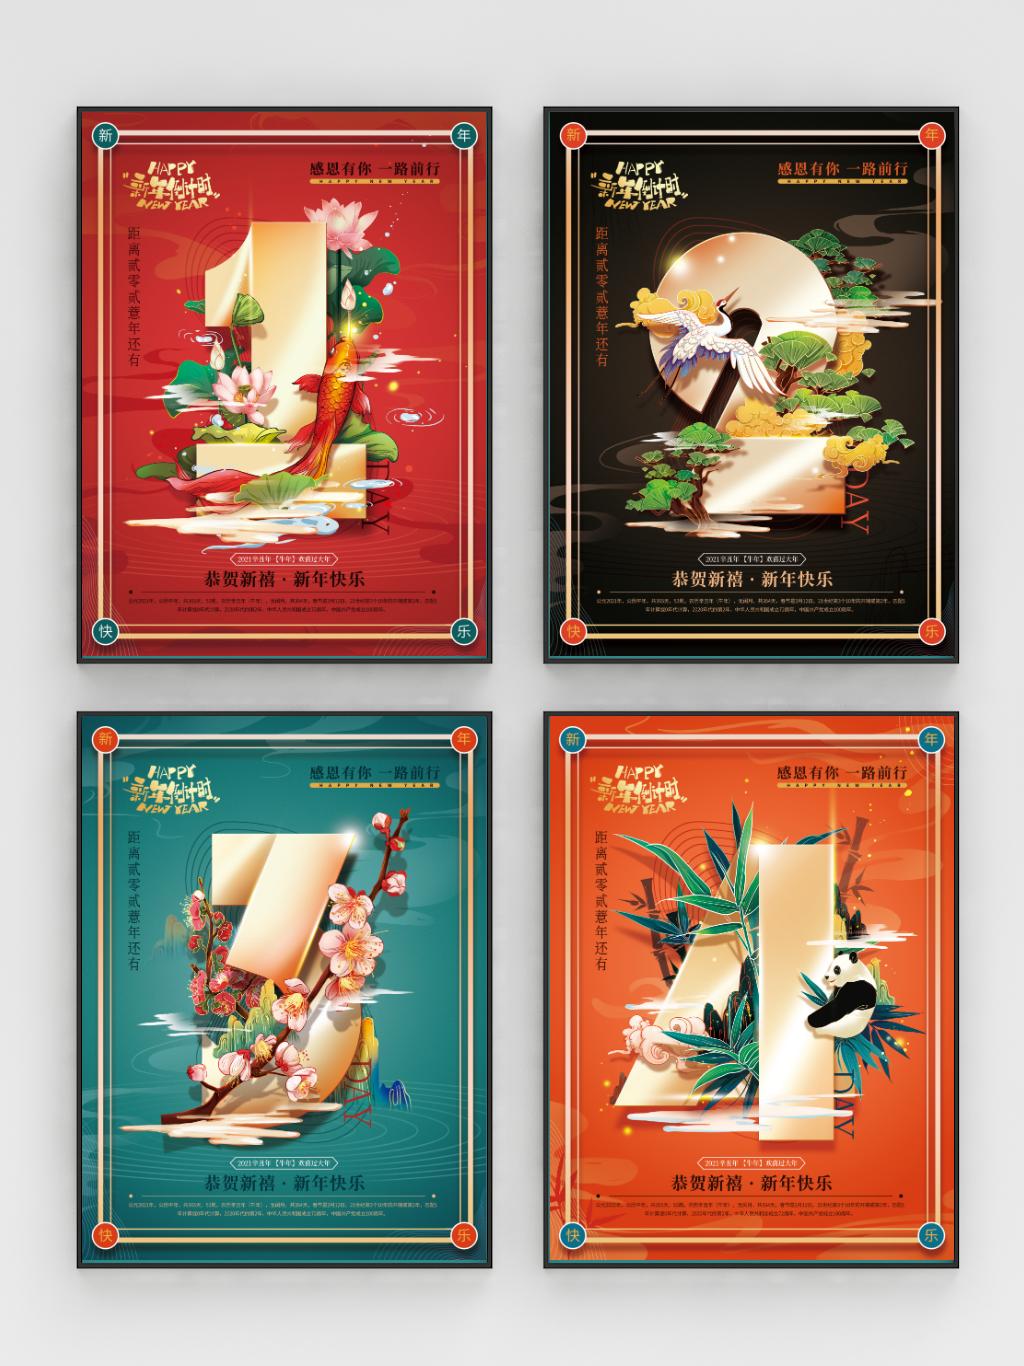 中国风插画倒计时海报